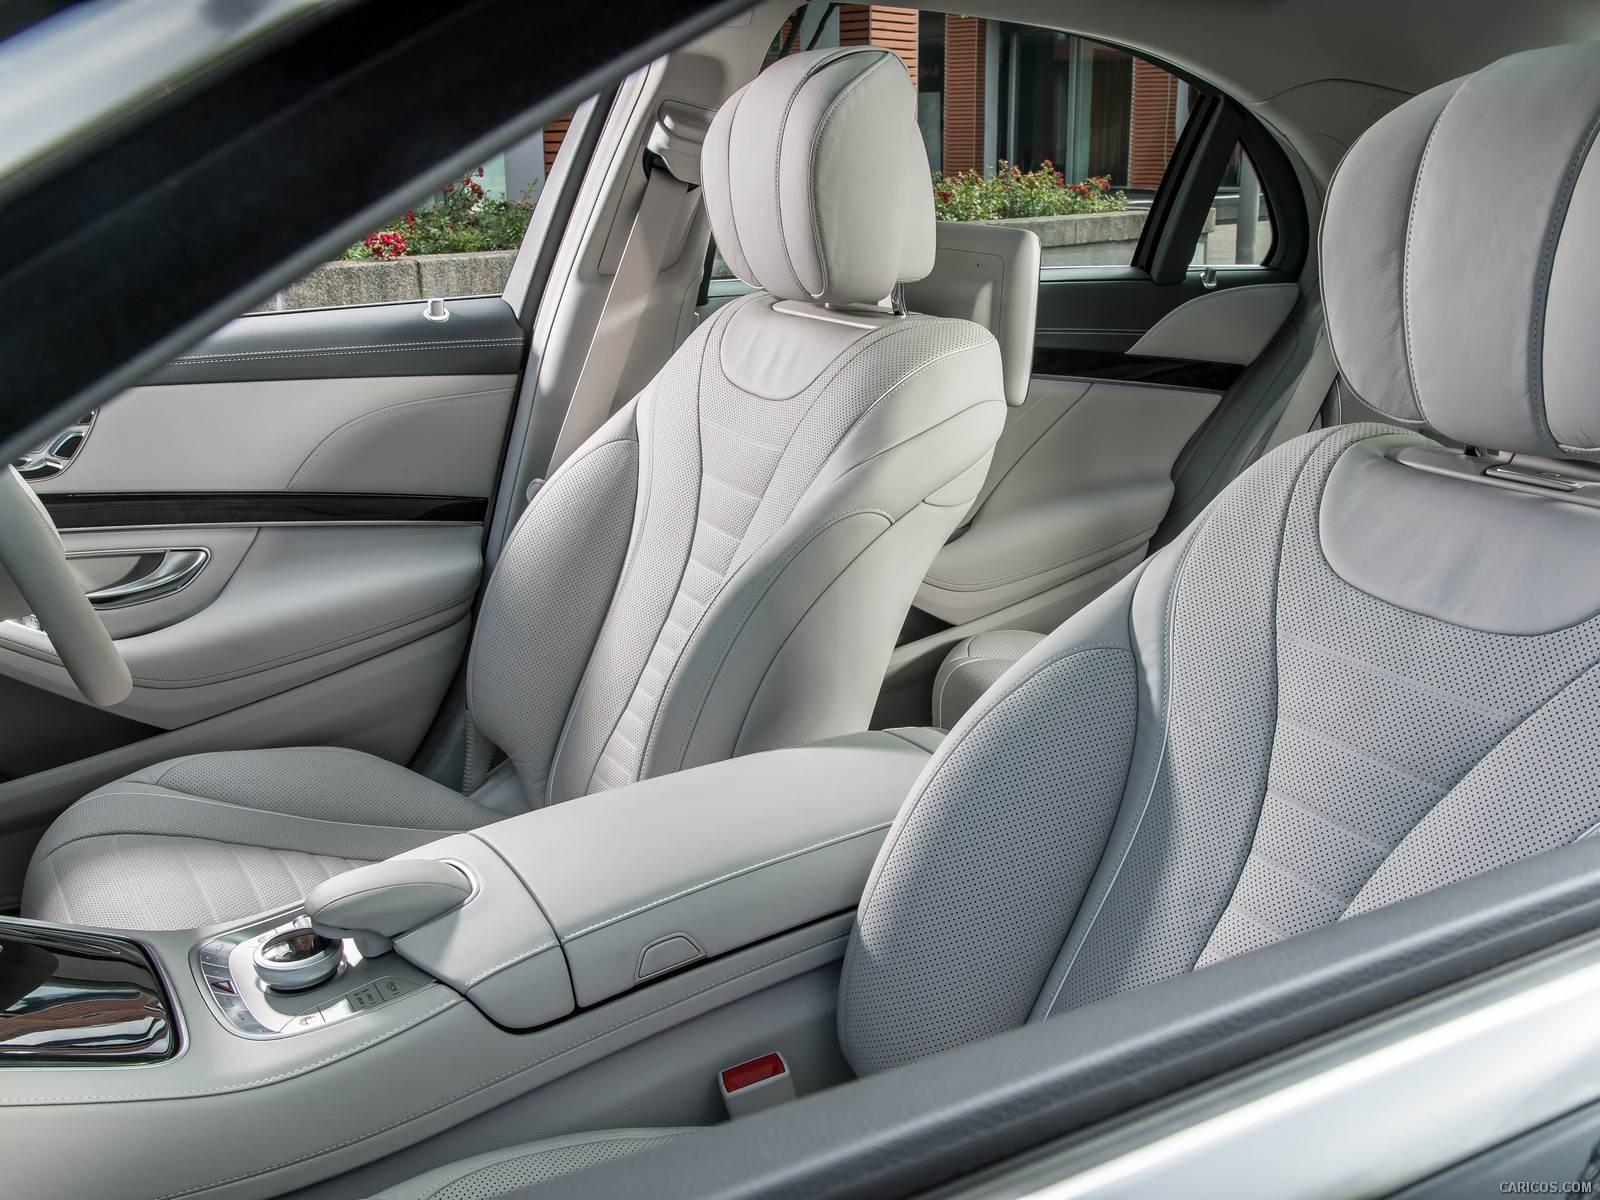 http://car.upload.ir/News/0207-Mercedes-Benz-s500-2014/14.jpg